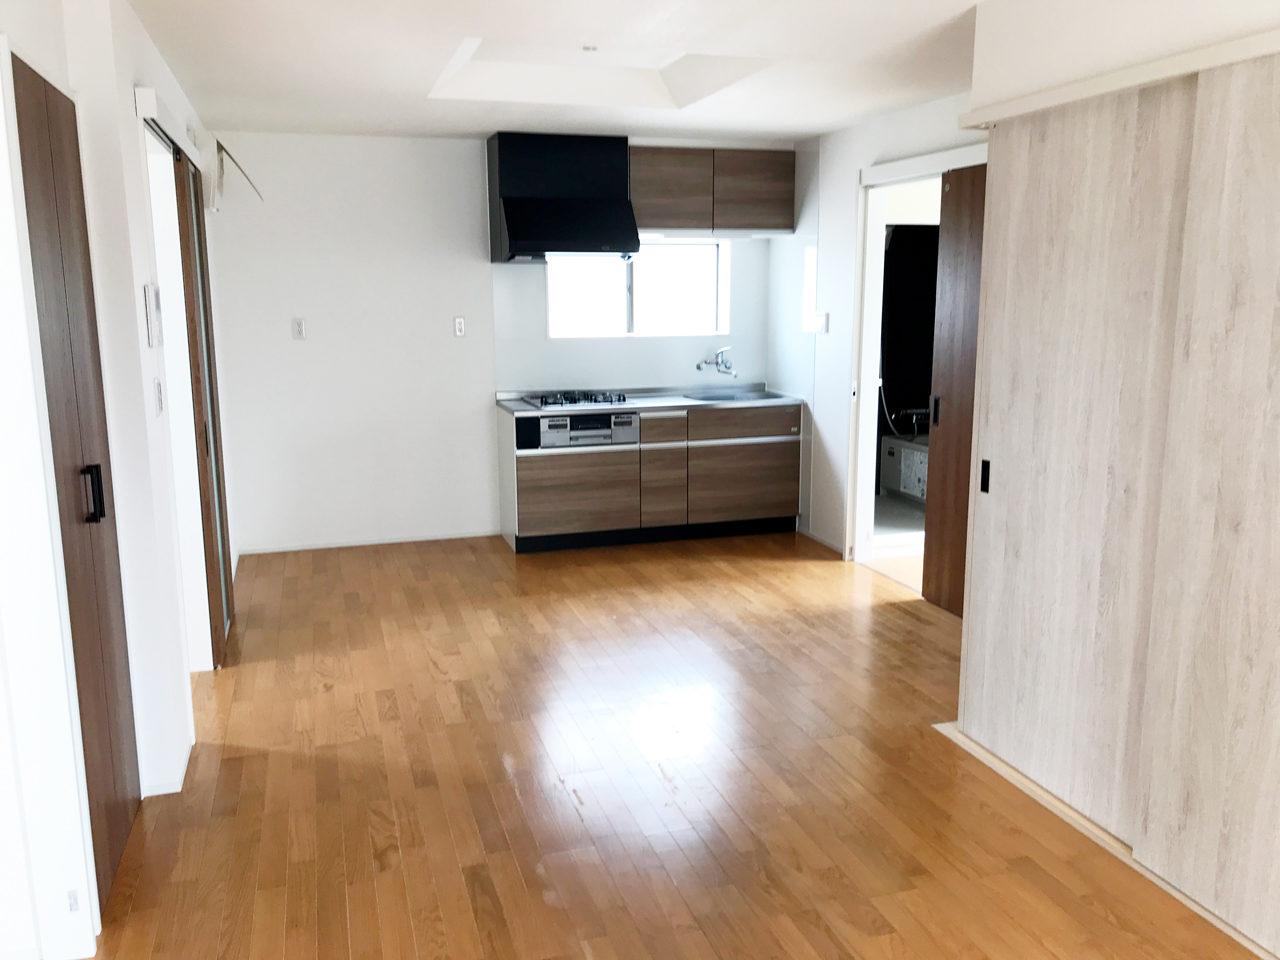 空き家を賃貸マンションへリノベーション工事設計・デザインをした建物のLDKと個室